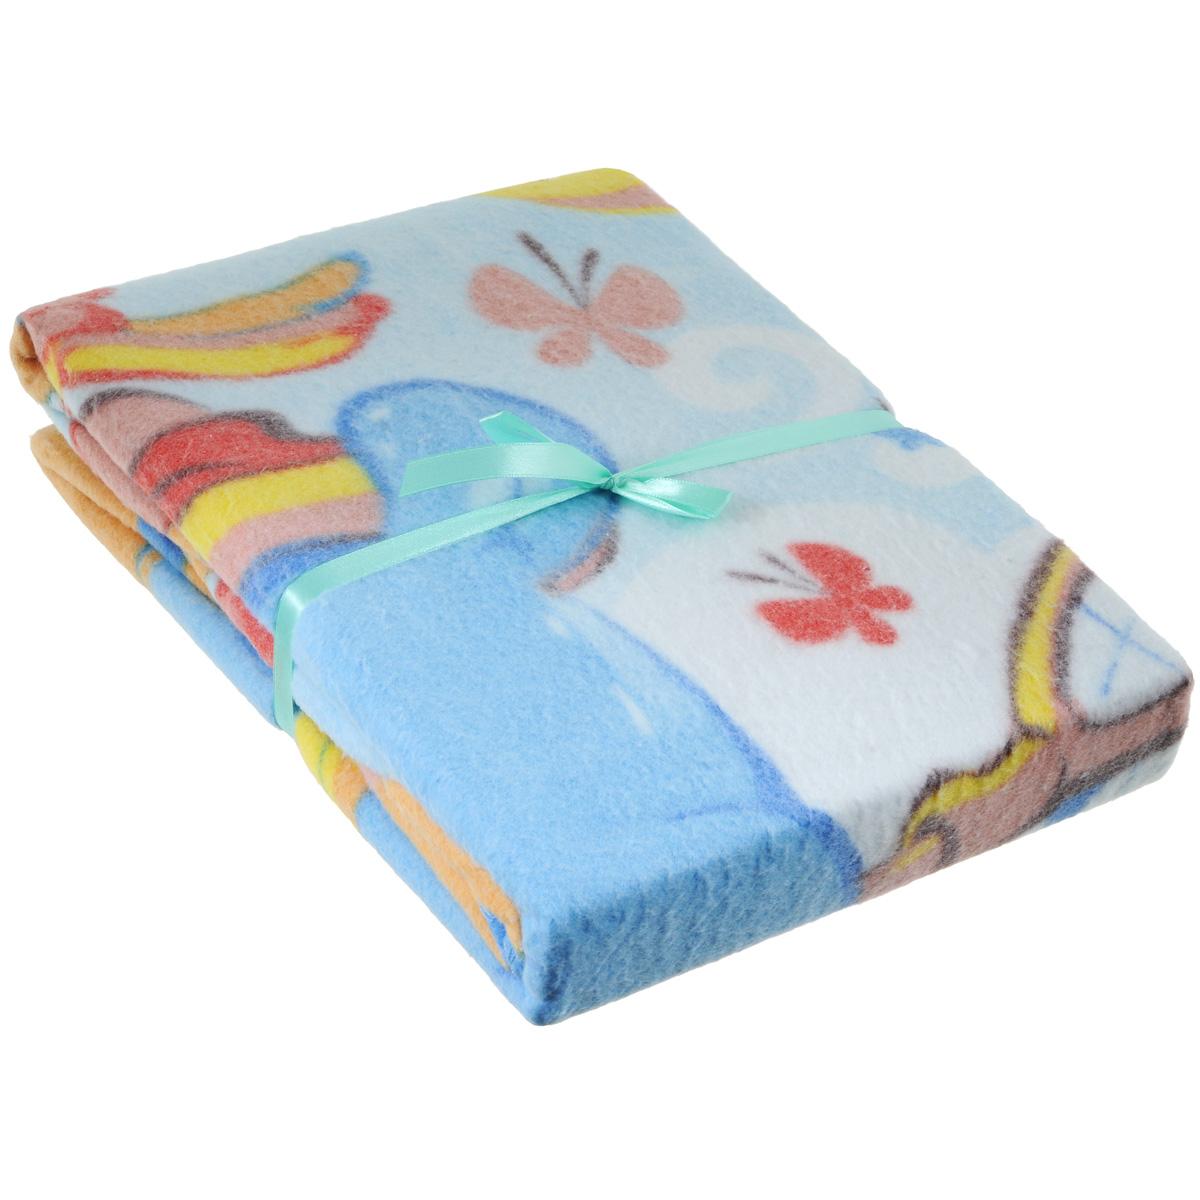 Одеяло детское Baby Nice Бегемот и попугай, байковое, цвет: голубой, 100 см x 140 смD311511Детское байковое одеяло Baby Nice Бегемот и попугай изготовлено из натурального 100% хлопка и оформлено ярким рисунком. Такое одеяло будет бережно хранить безмятежный сон вашего ребенка. Ребенок, спящий под байковым одеялом, словно укрытый нежным мягким облаком, находится в тепле, и не потеет при этом. Дышащая способность натурального хлопка позволяет добиться такого эффекта. Легкий по ощущениям материал имеет небольшой вес, но вместе с тем, является плотным и хорошо сохраняет тепло. Кроме того, ткань гигроскопична, а значит впитывает избыточную влагу, не становясь при этом влажной на ощупь. Детское одеяло Baby Nice Бегемот и попугай - лучший выбор для тех, кто стремится проявить заботу о своем ребенке. Материал: 100% хлопок. Размер: 100 см х 140 см.